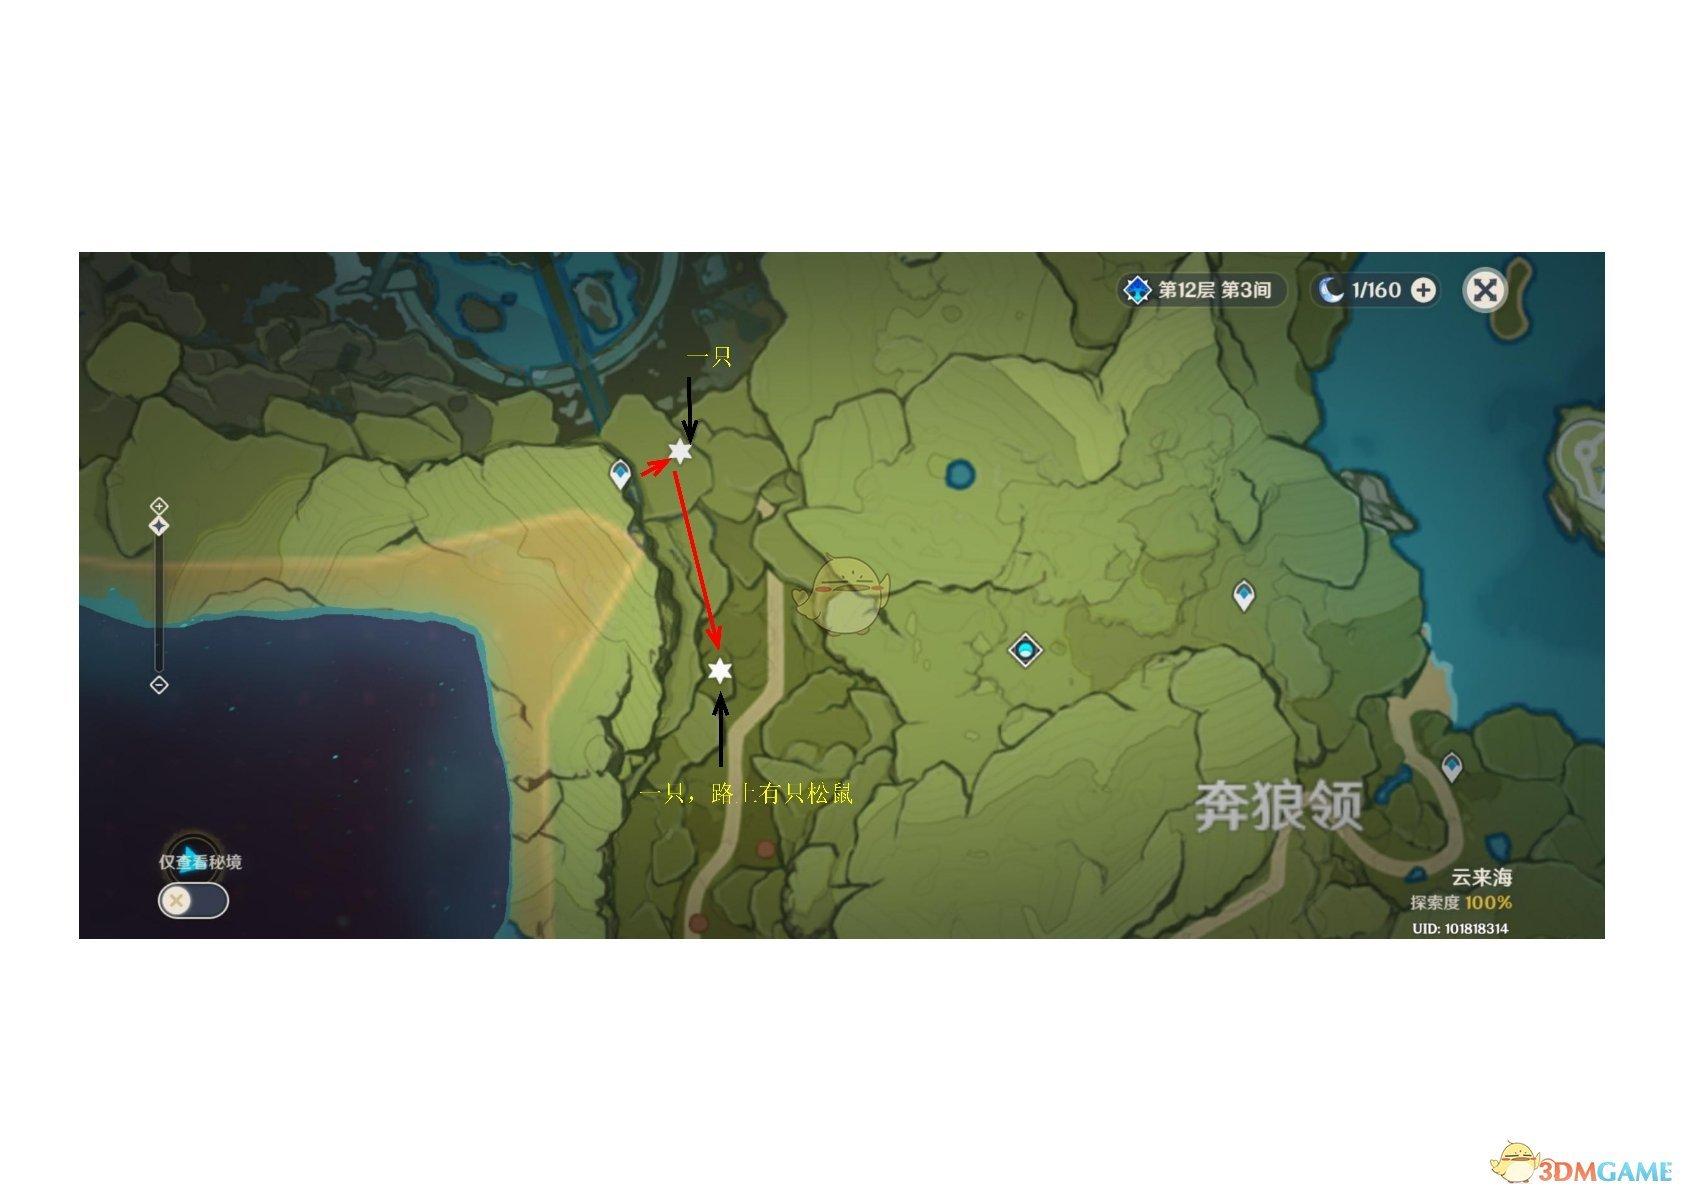 《原神》晶蝶路线及小技巧